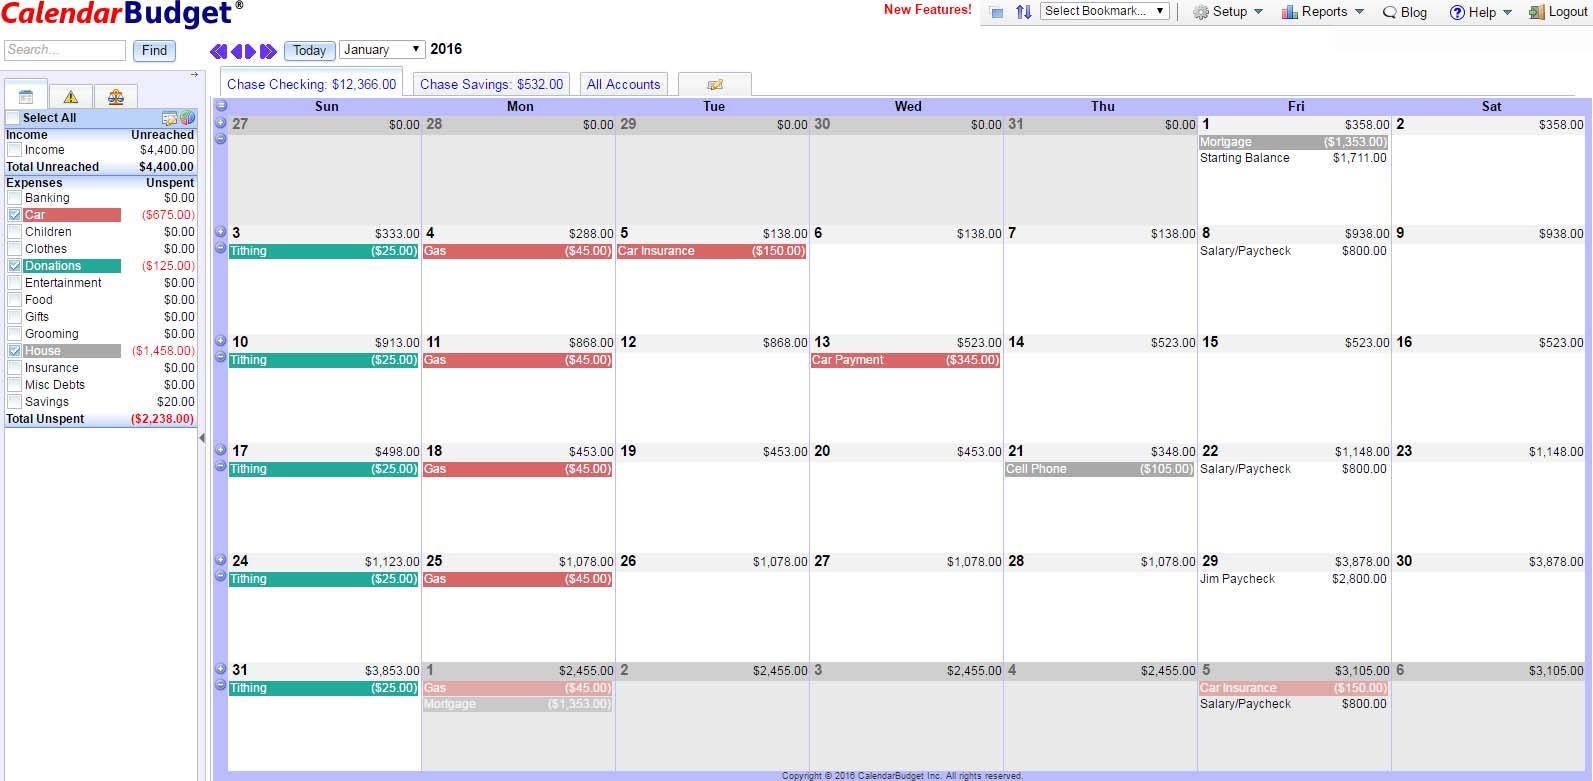 CalendarBudget Preview copy